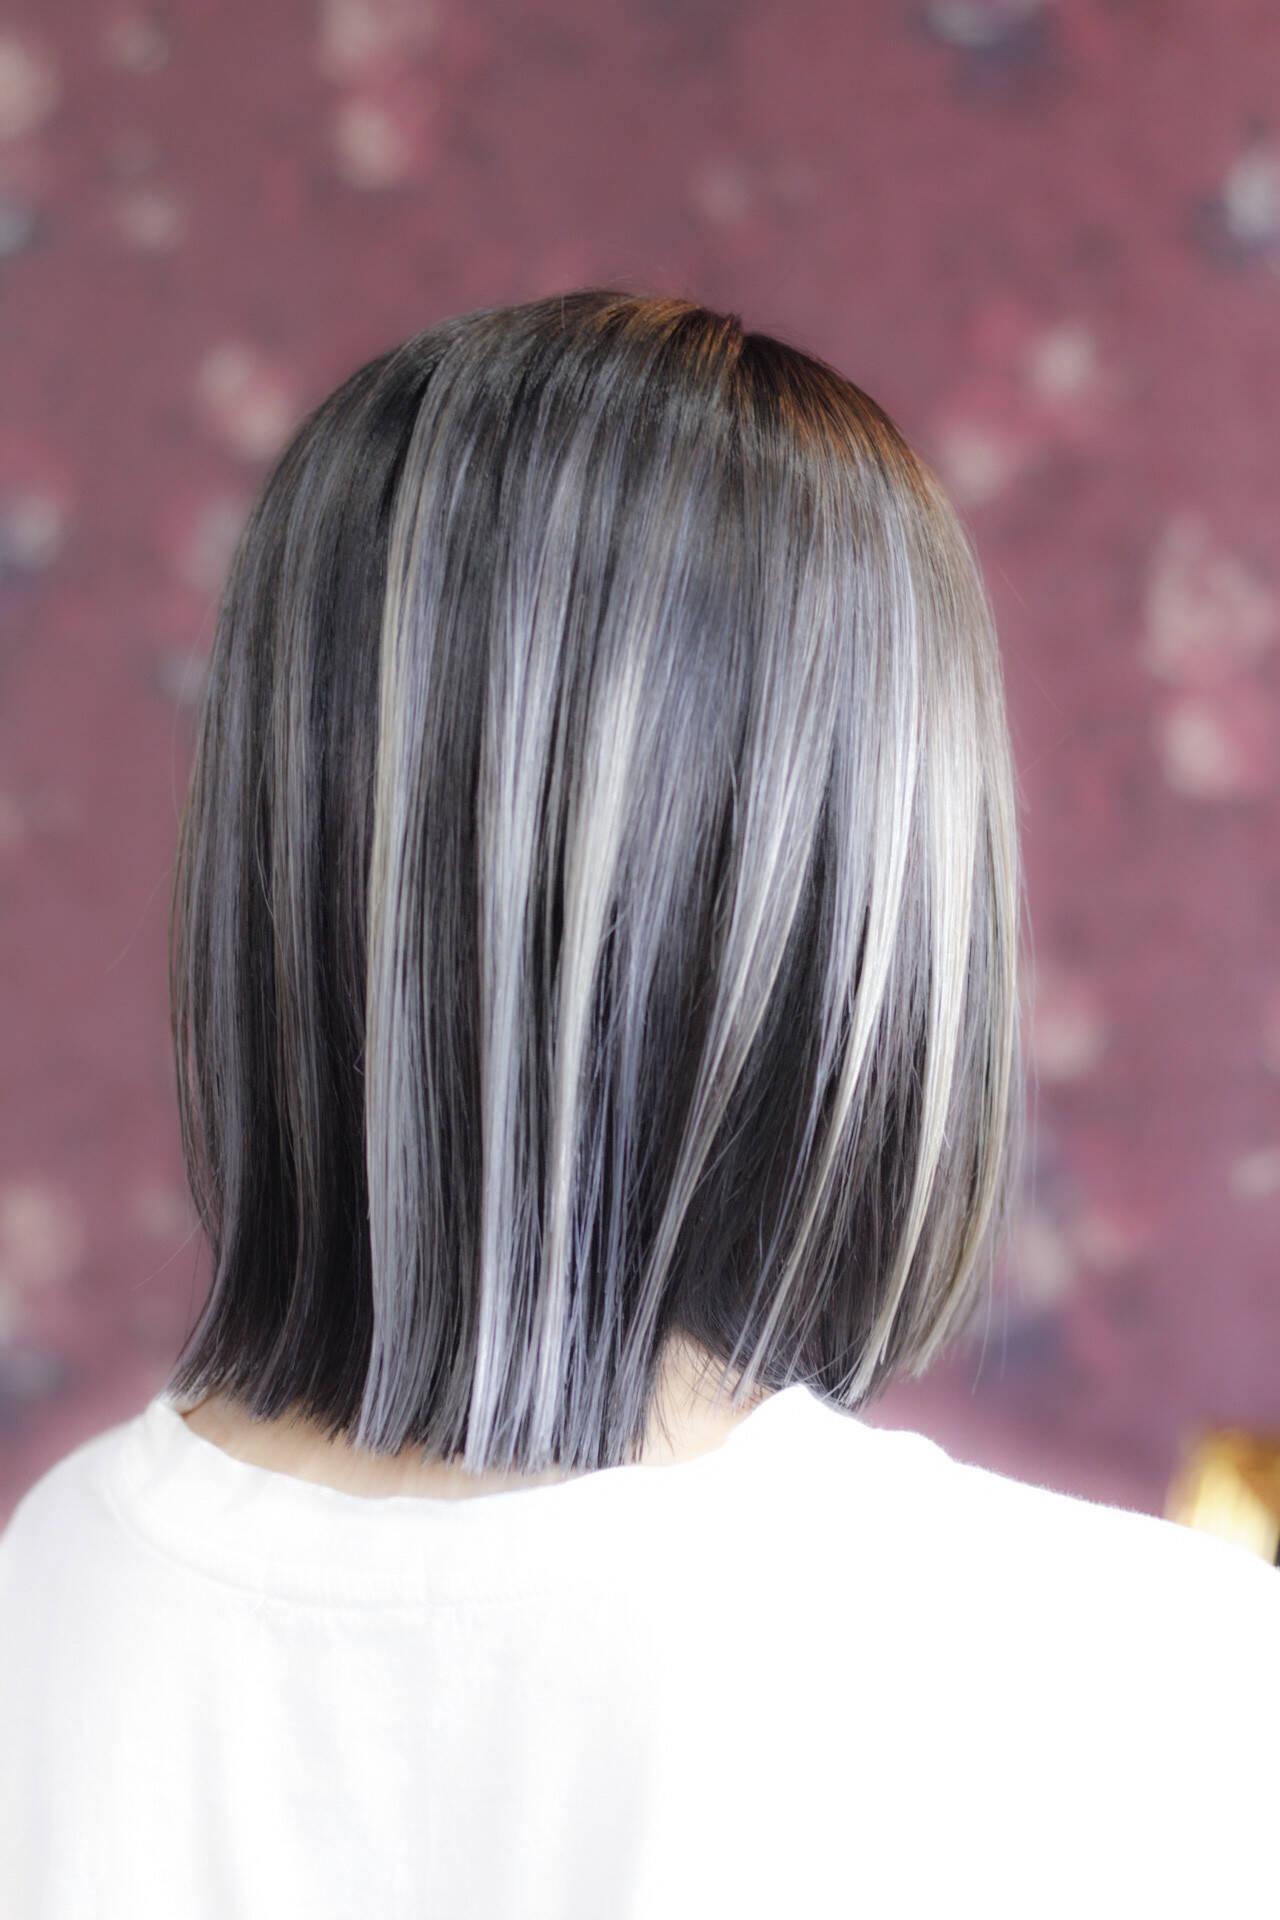 ブリーチ エレガント バレイヤージュ ボブヘアスタイルや髪型の写真・画像